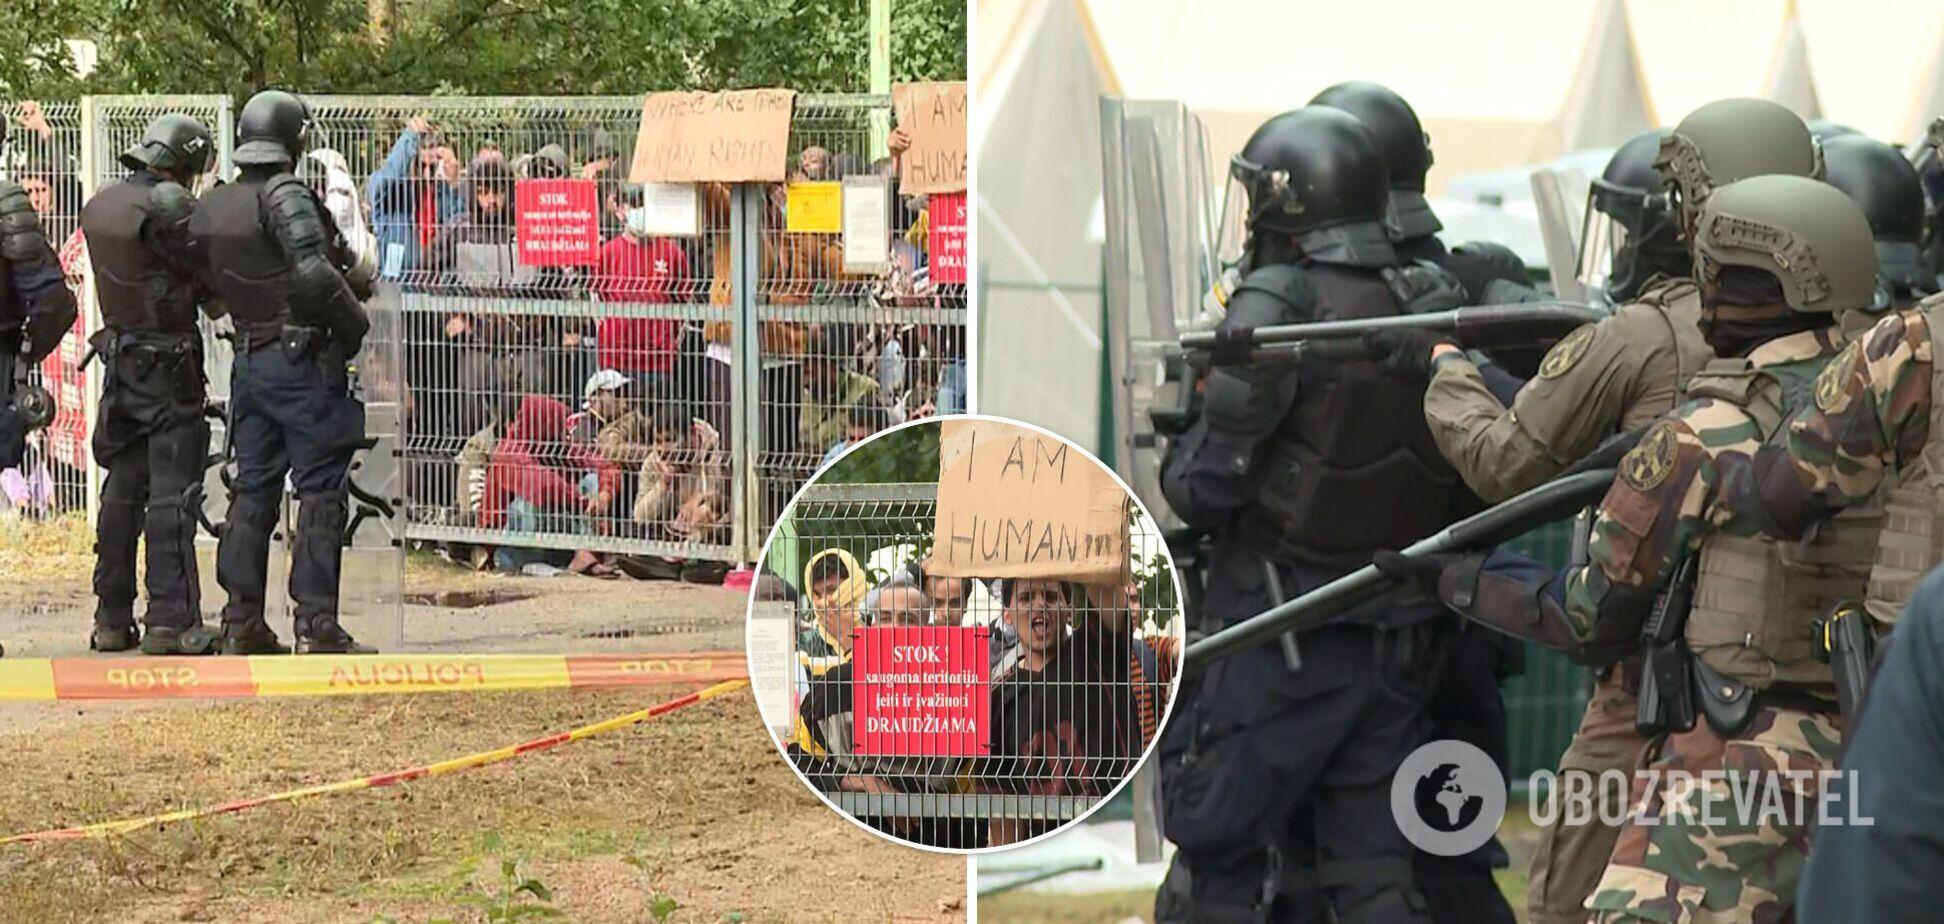 У Литві нелегальні мігранти влаштували безлади, поліція застосувала водомети і сльозогінний газ. Фото